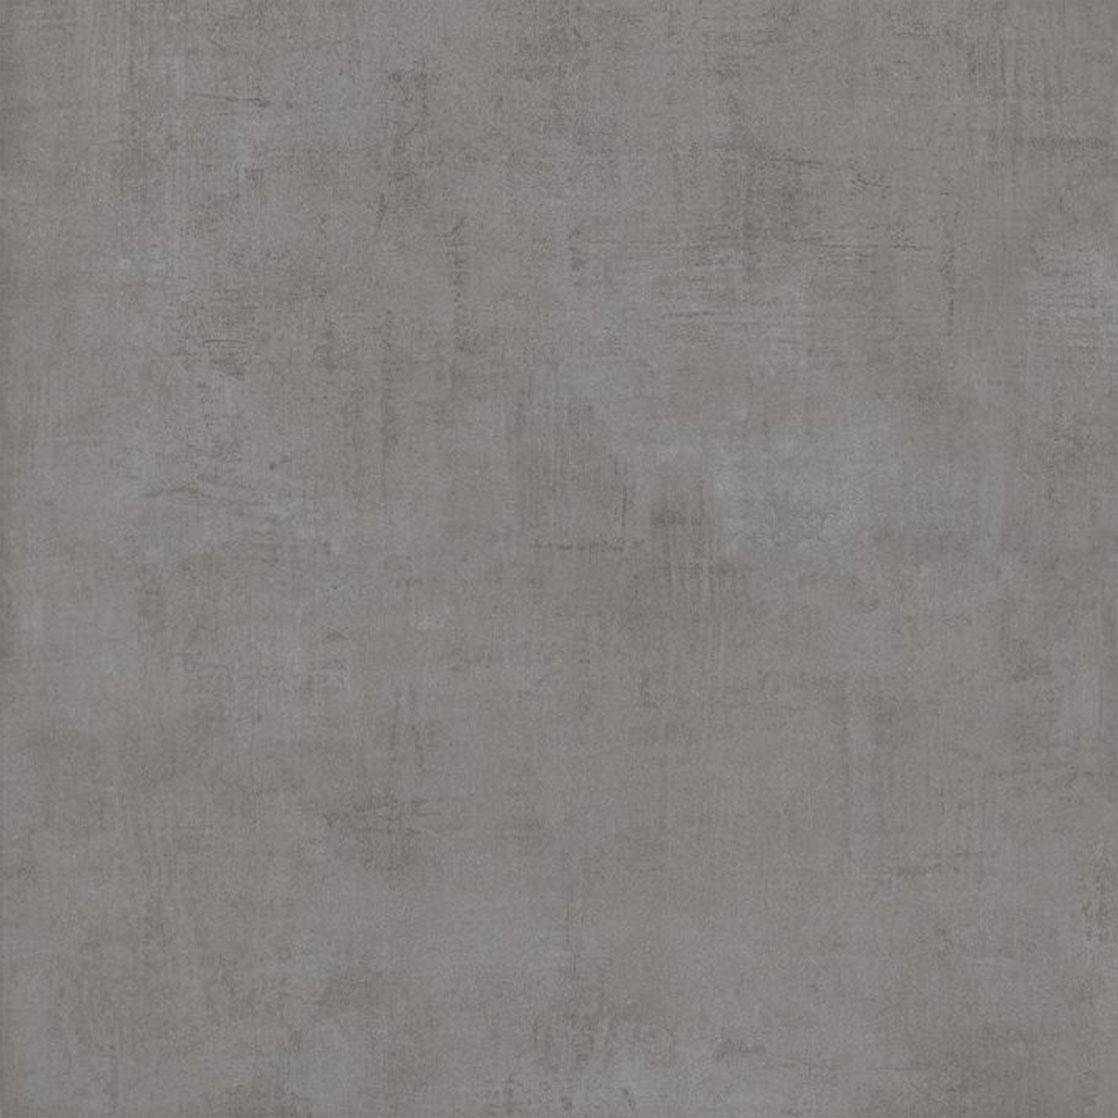 Gạch hiệu ứng xi măng Viglacera VHP6603 giá rẻ